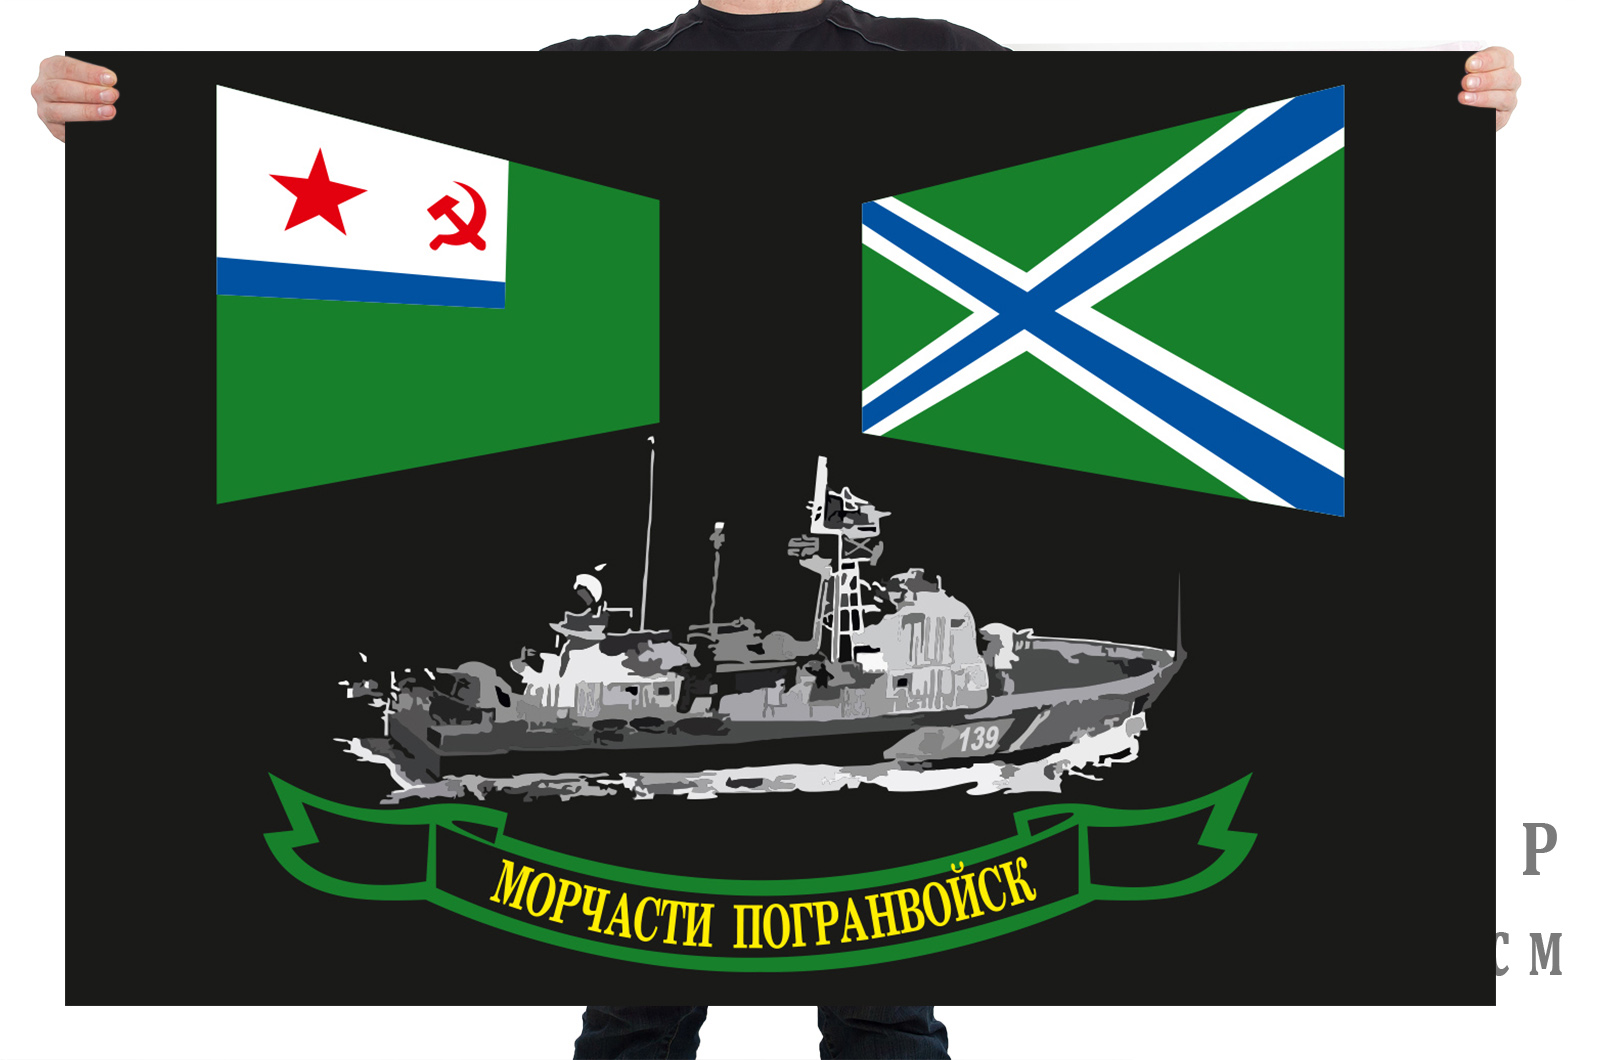 Двусторонний флаг морчастей погранвойск в подарок